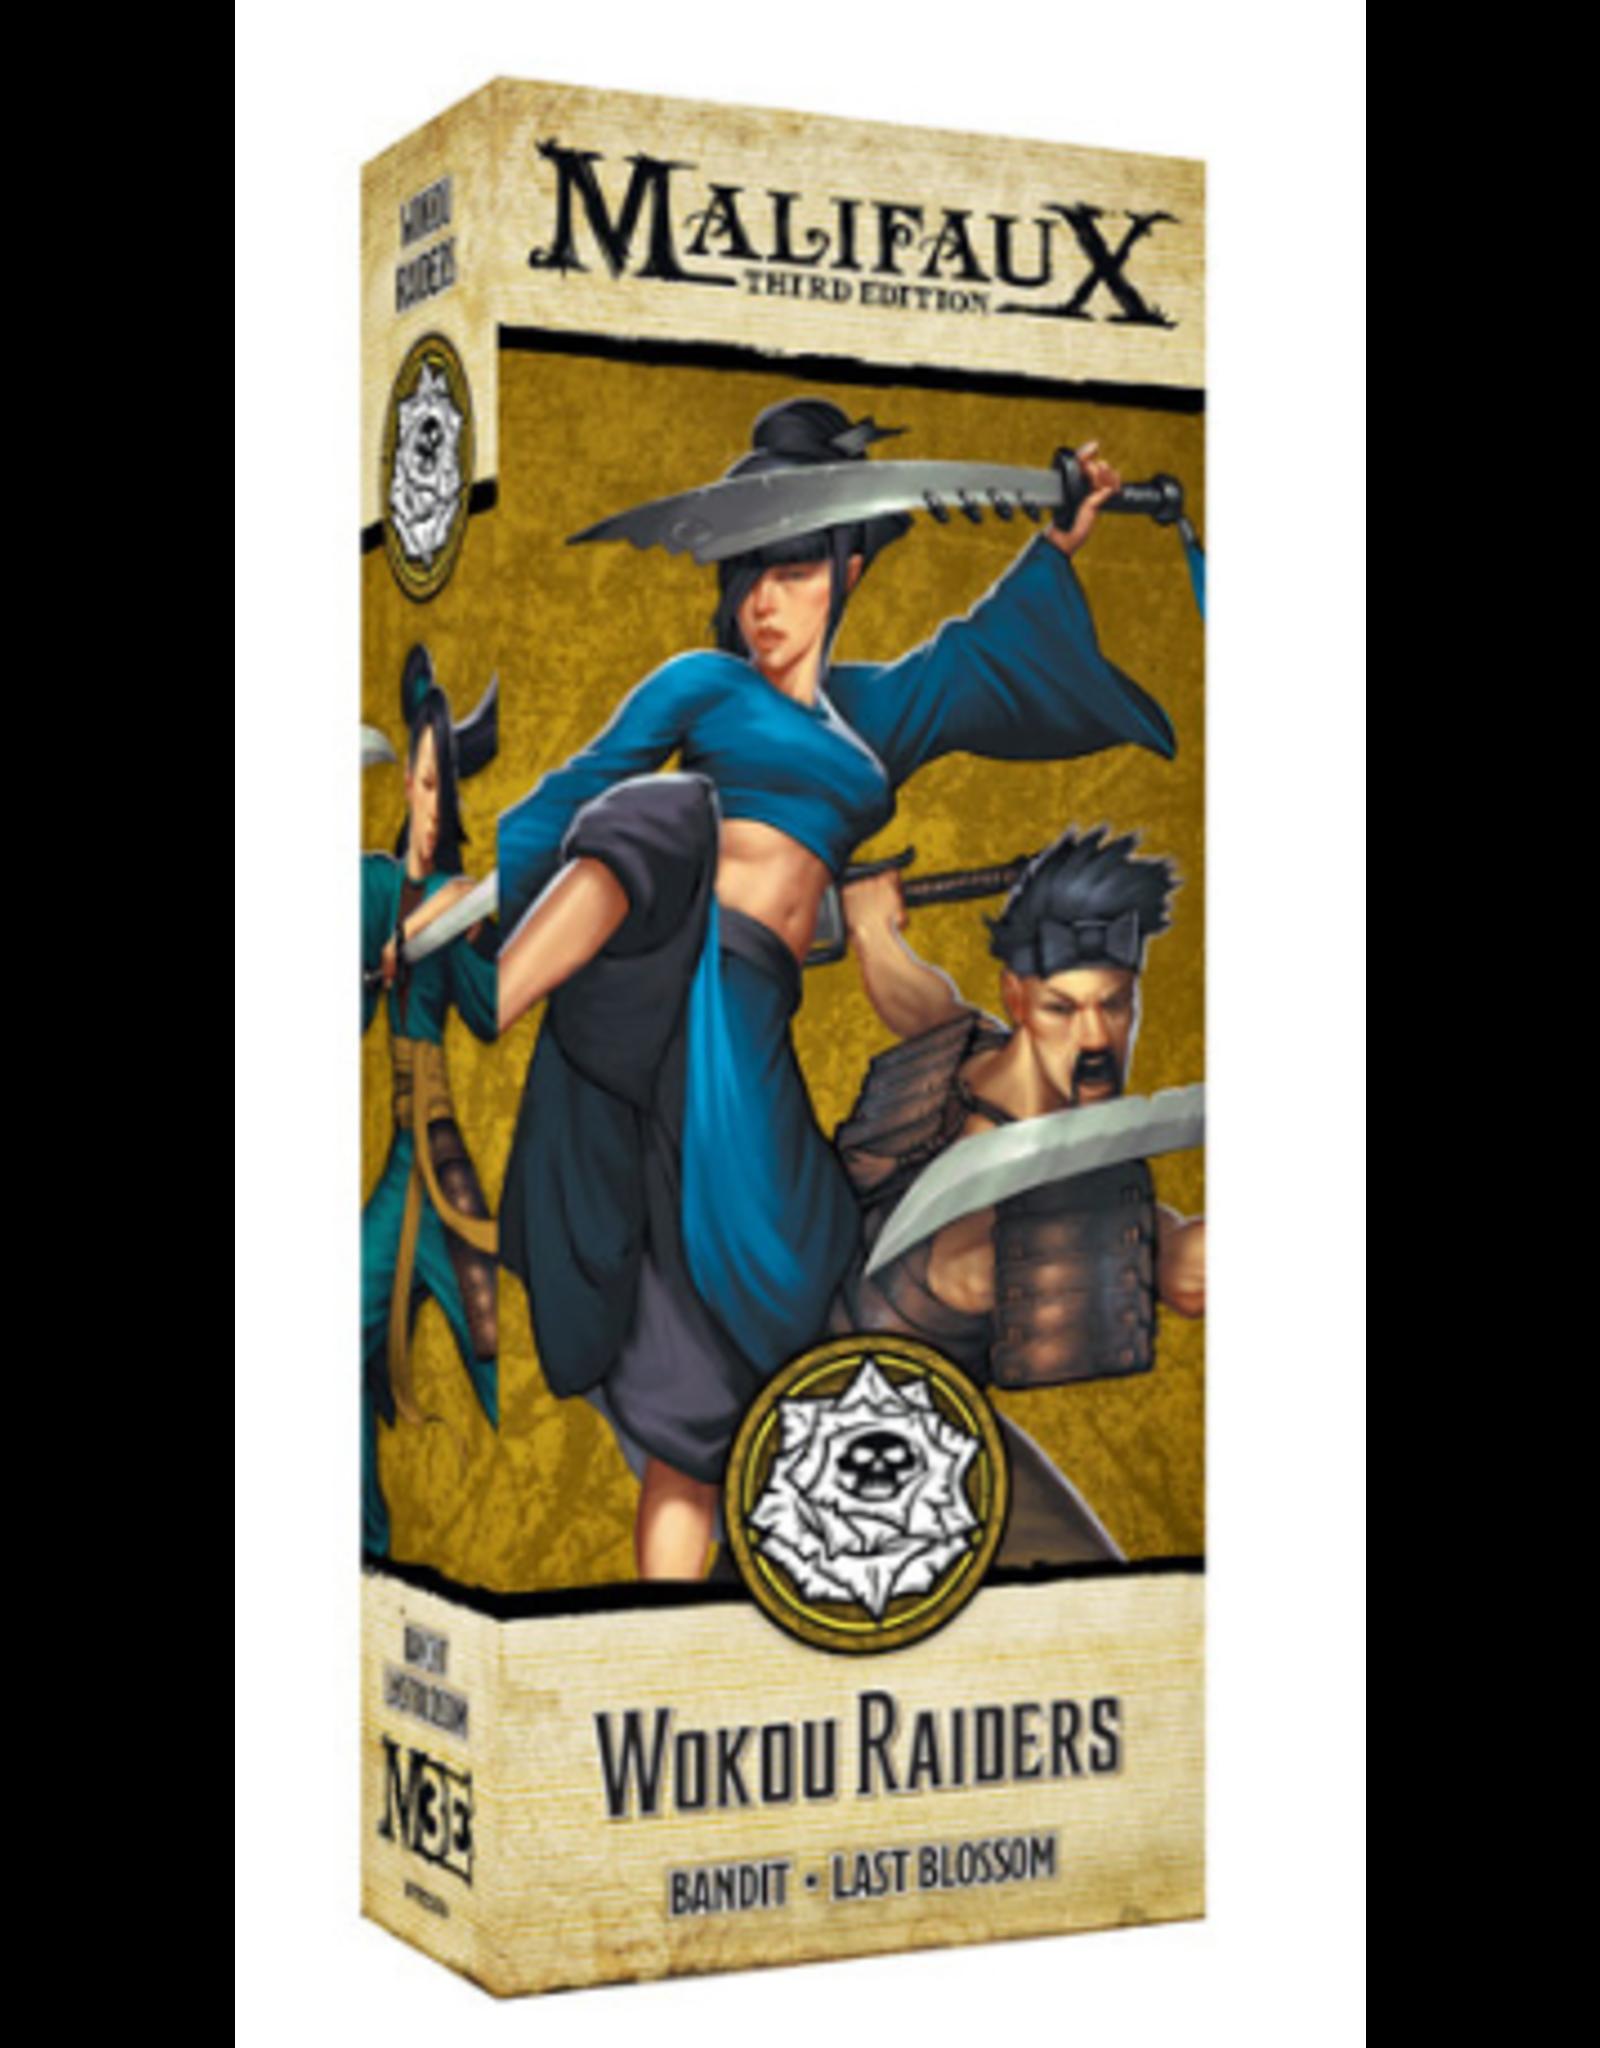 Malifaux: Outcasts Wokou Raiders